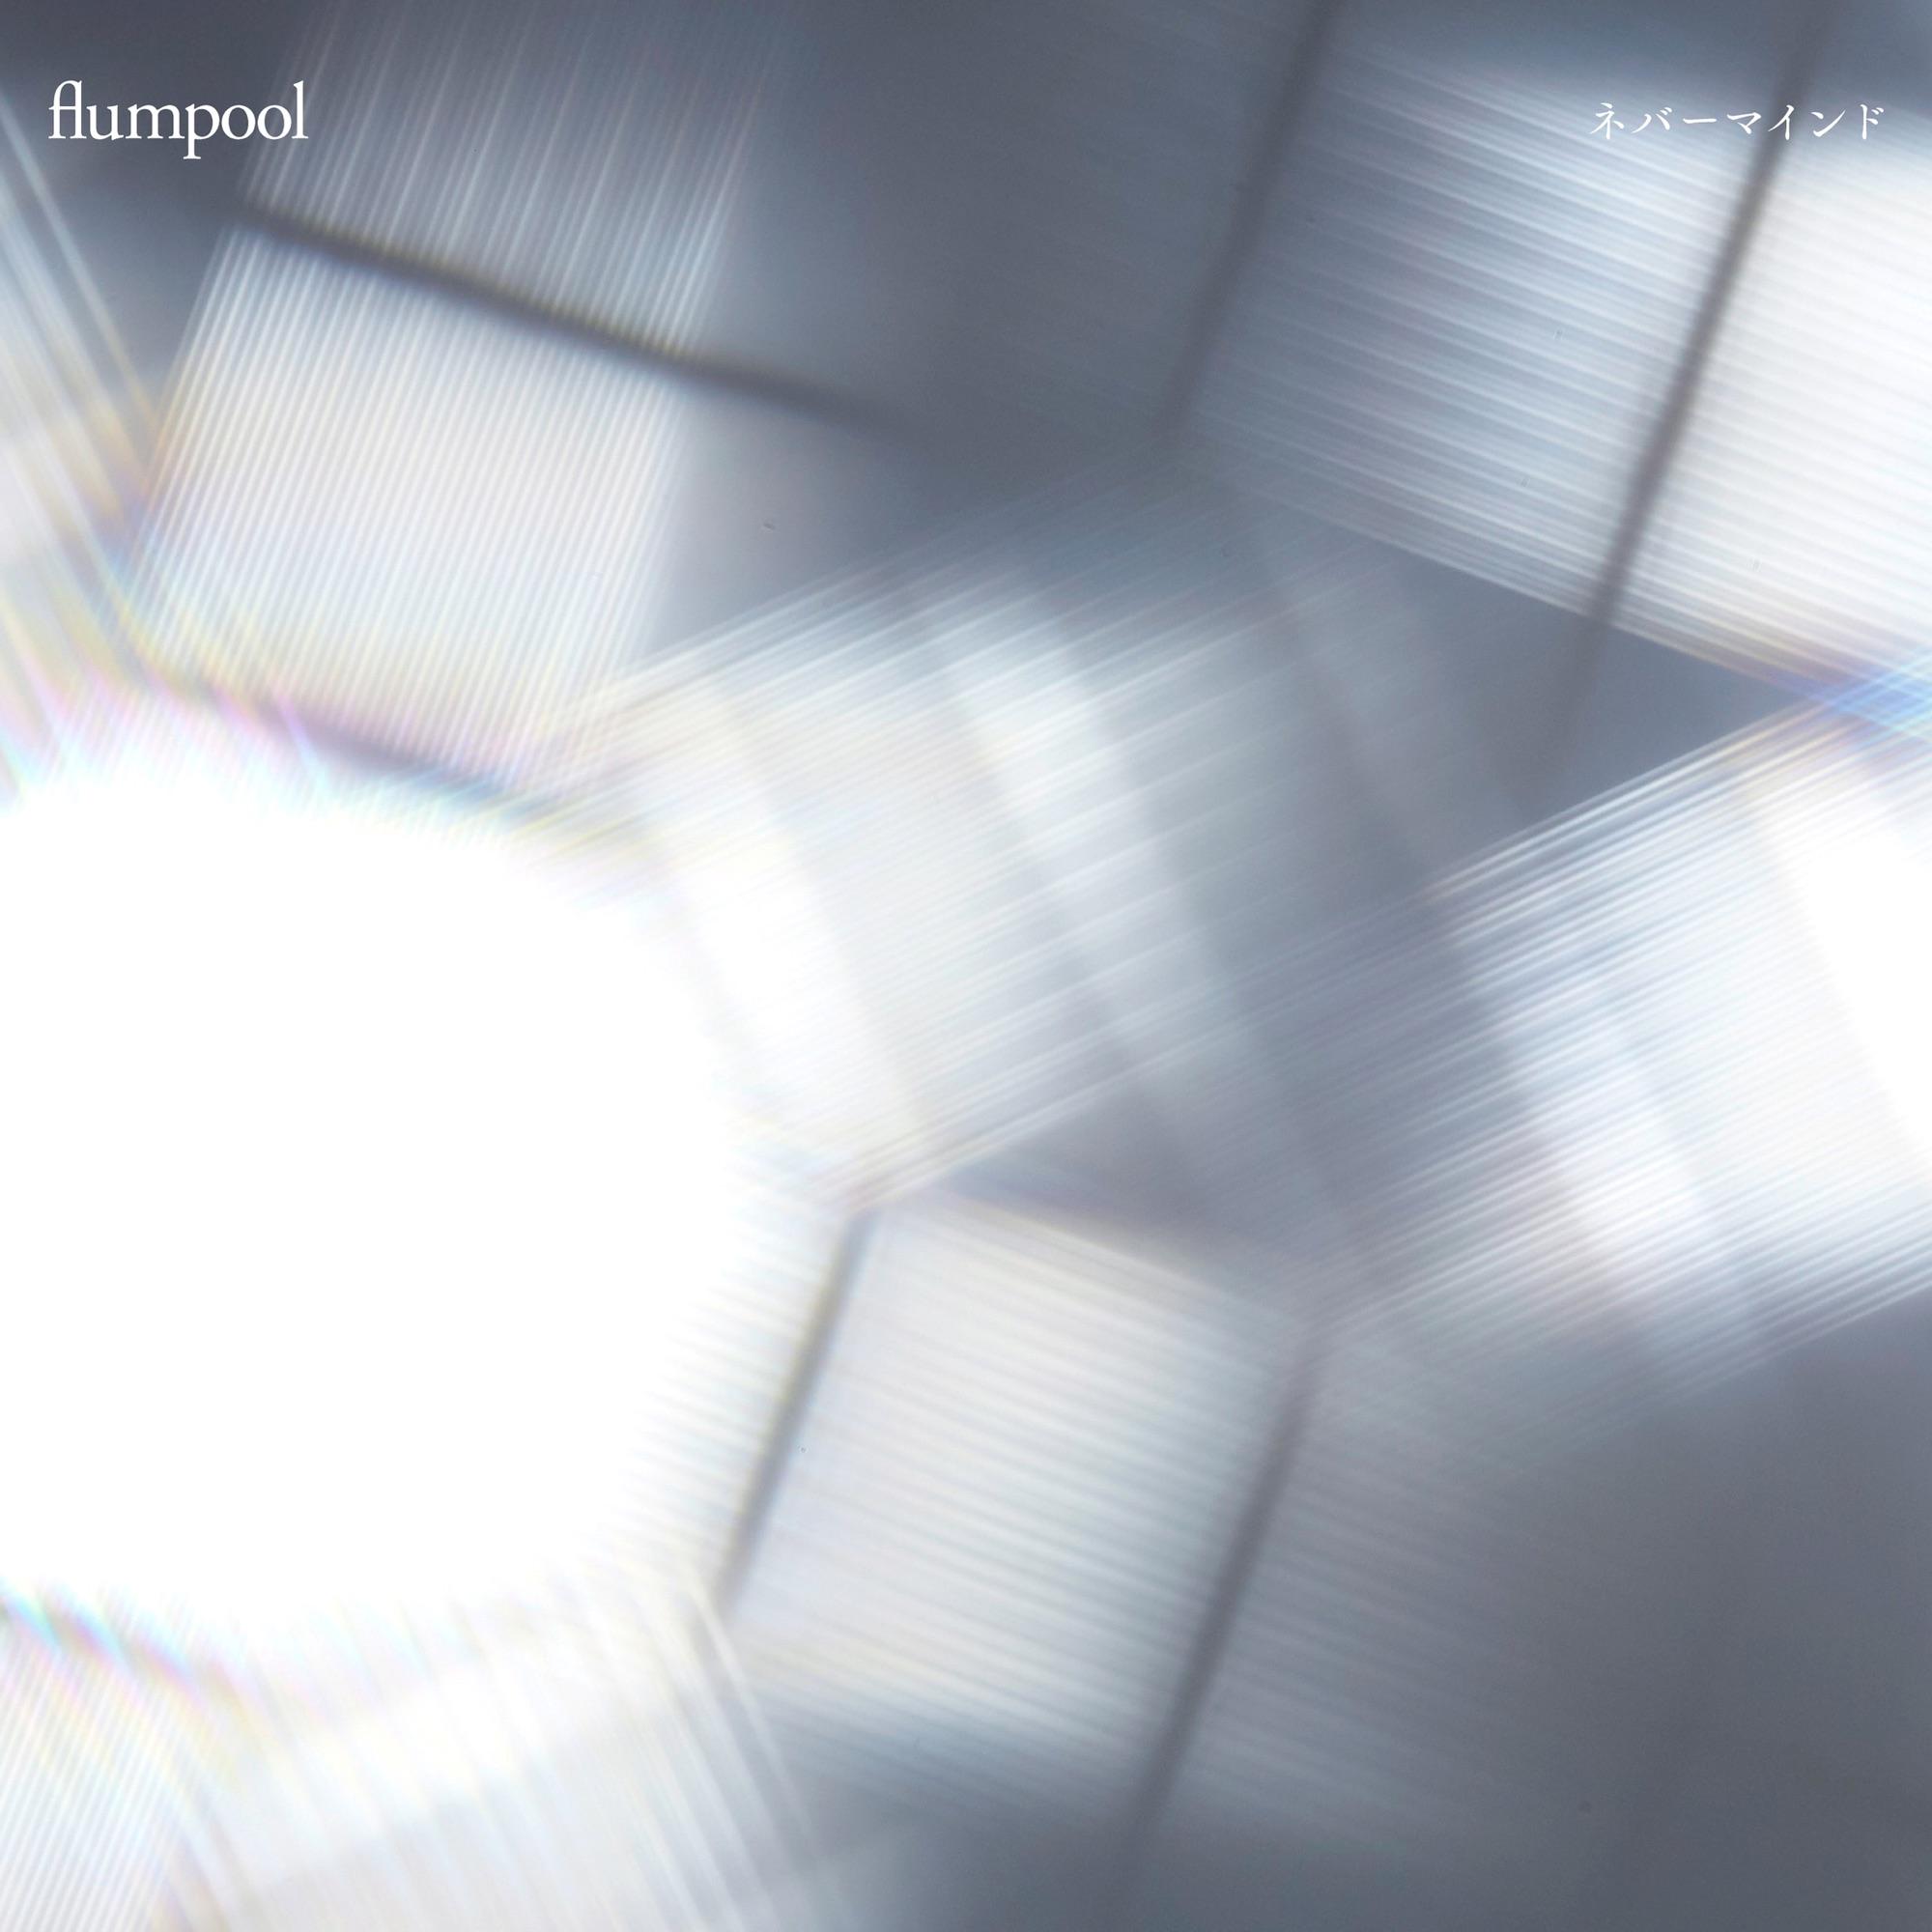 flumpool - Never Mind ネバーマインド